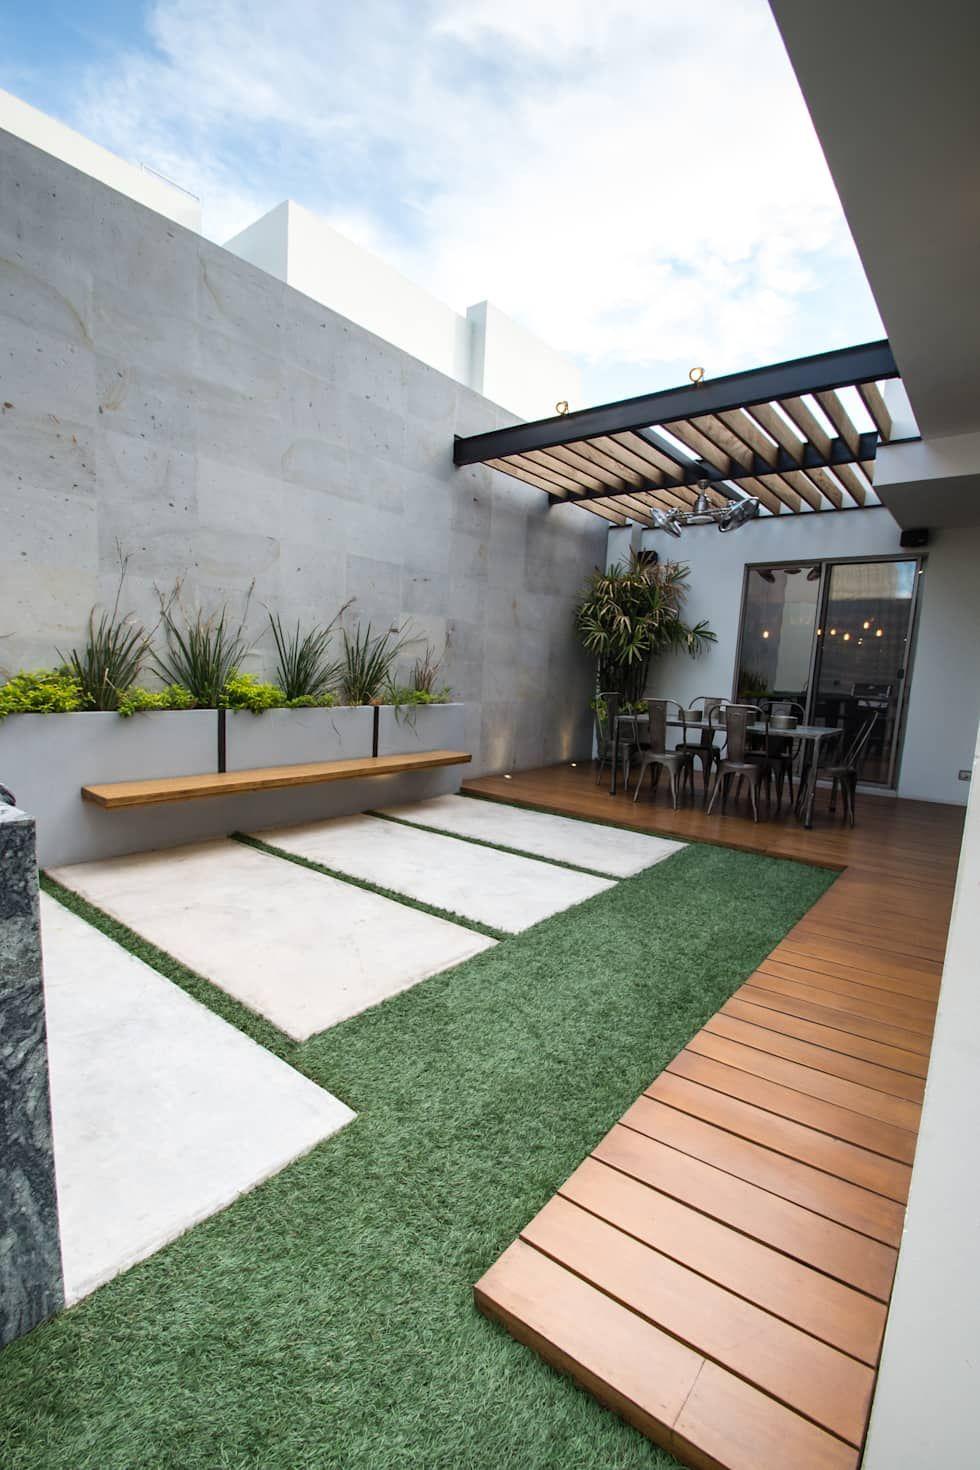 Balcones y terrazas modernos de tamen arquitectura moderno is part of Patio, Patio design, Modern backyard, Small backyard landscaping, Backyard design, Small backyard - Aquí puedes encontrar fotos con ideas de diseño de interiores  ¡Inspírate!